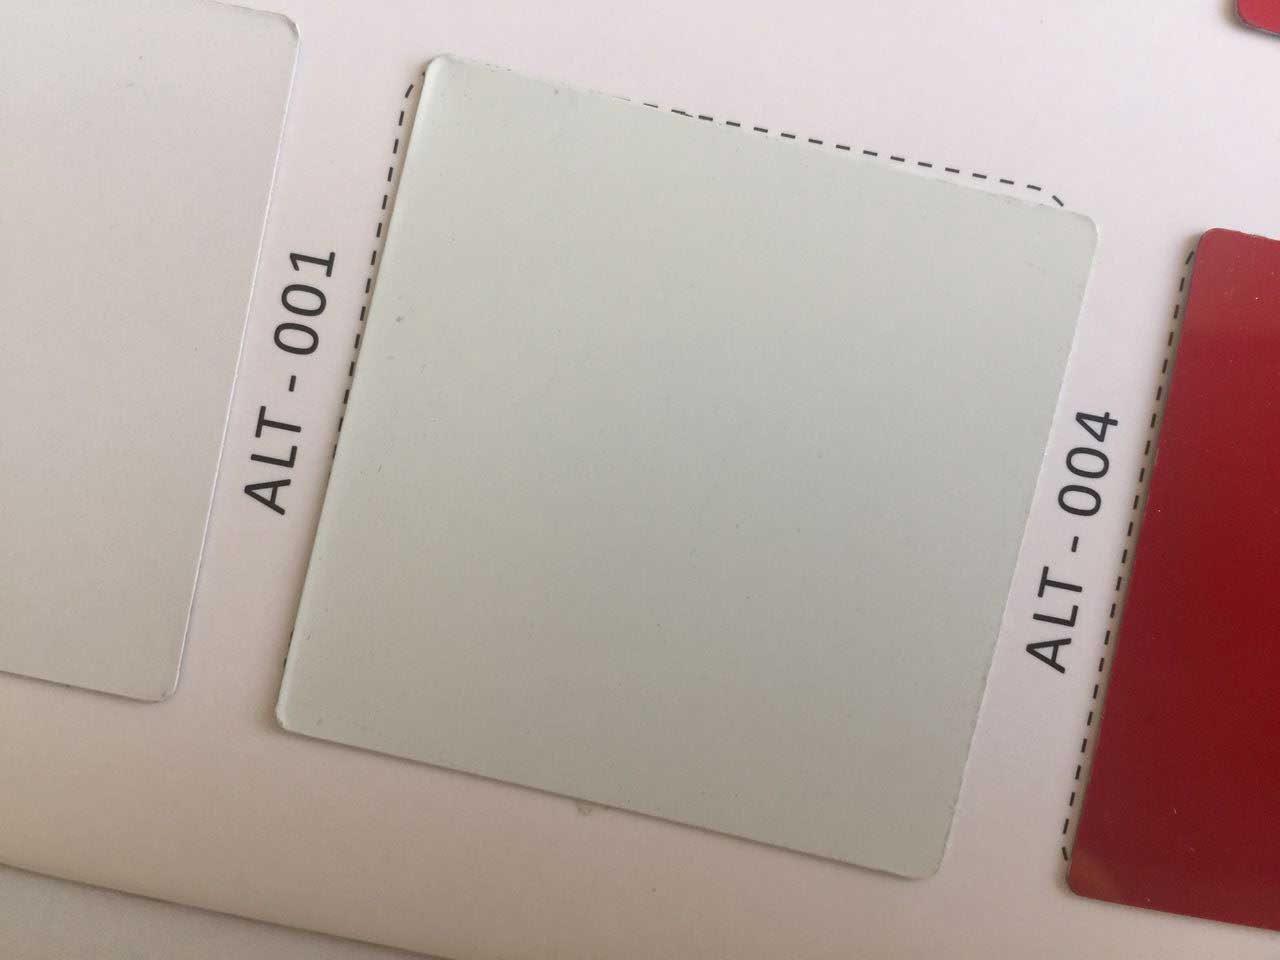 رنگ سفید ورق کامپوزیت از کالر چارت آلوتک